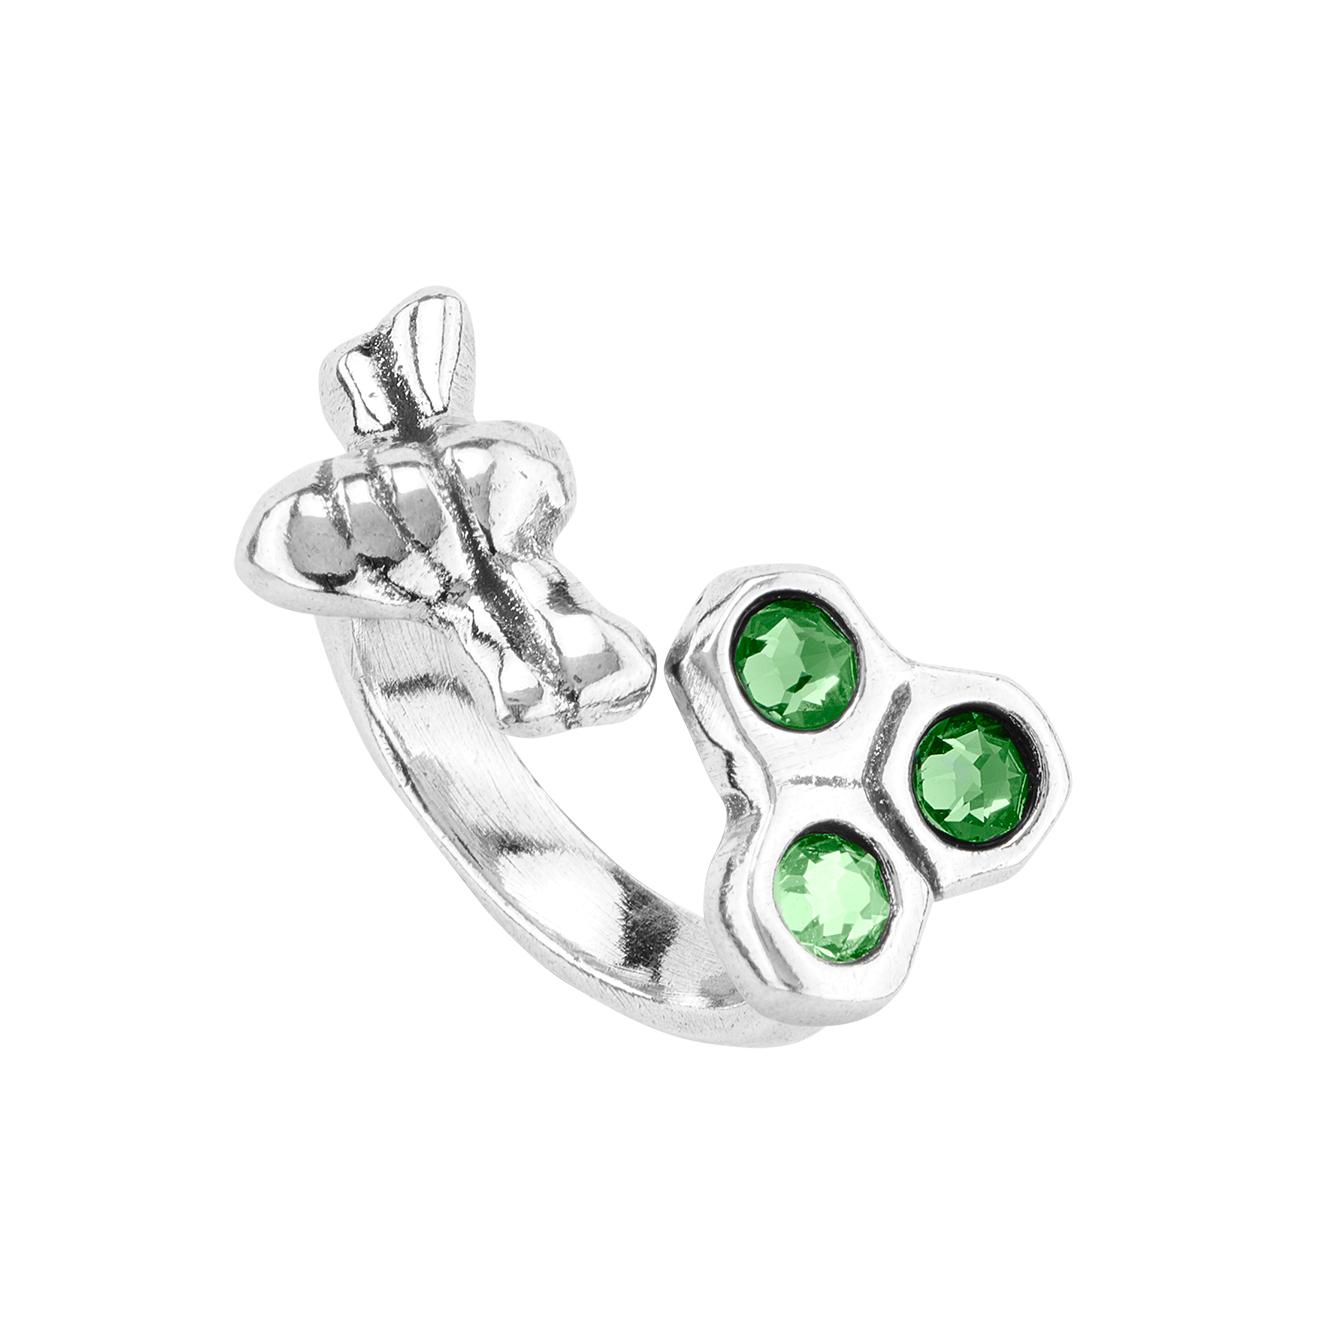 Unode50 Кольцо с кристаллами «Bzz», покрытое серебром